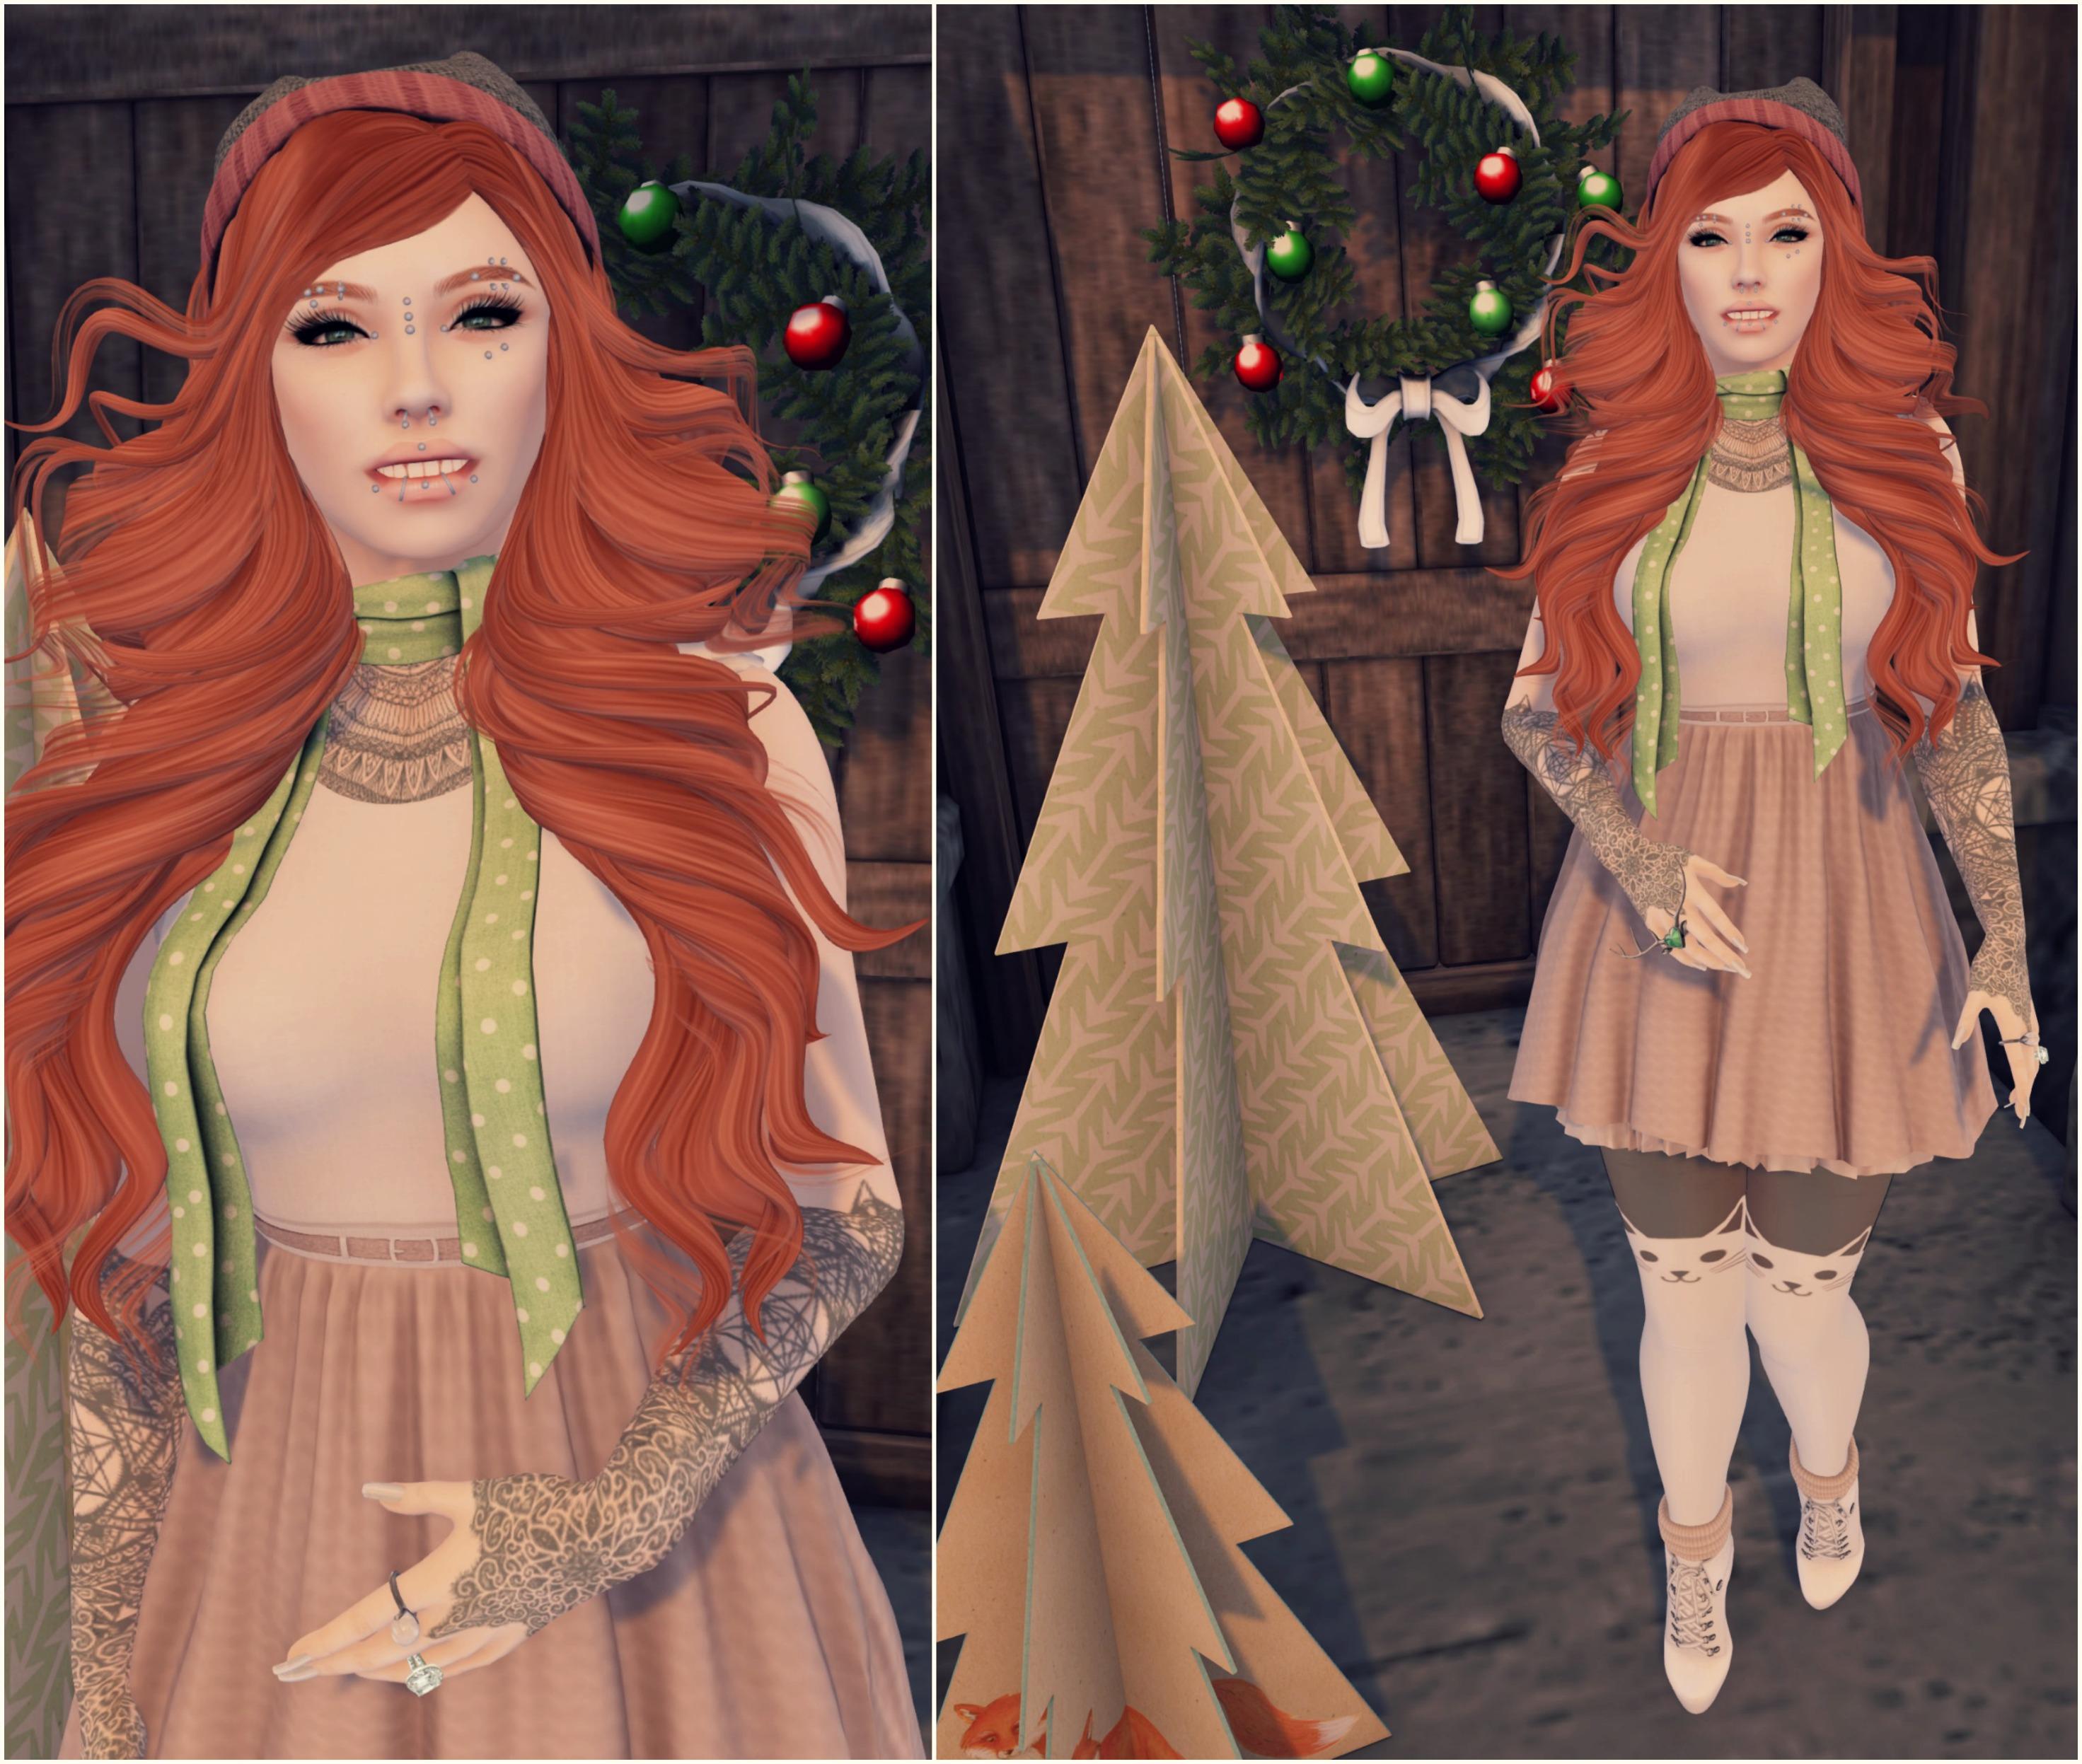 oh christmas wreath..